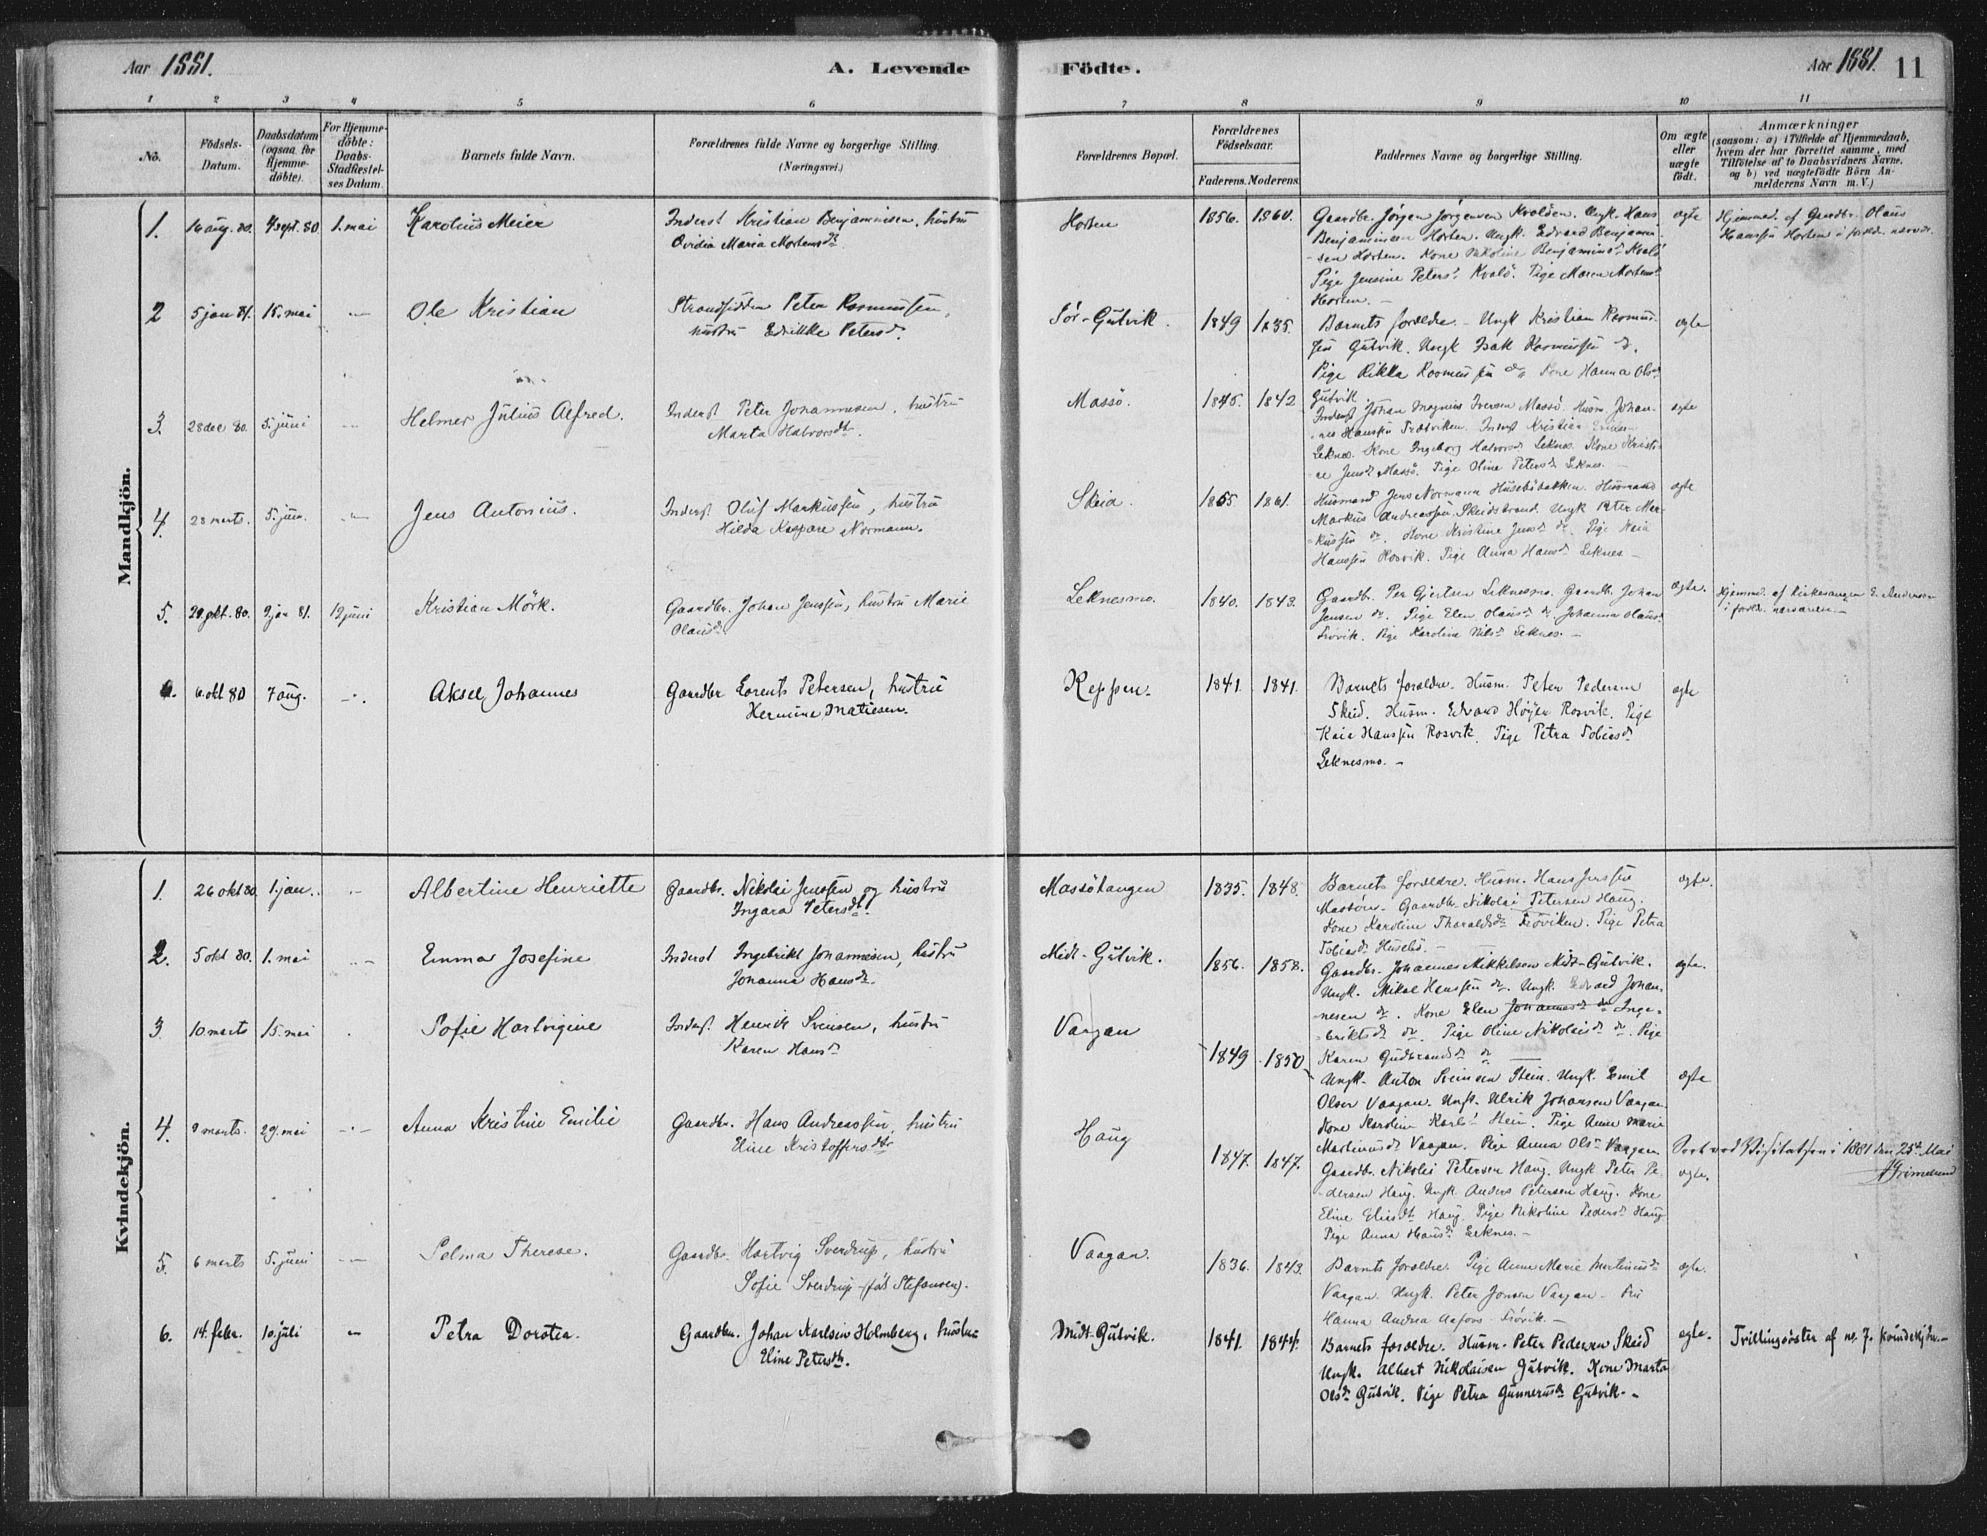 SAT, Ministerialprotokoller, klokkerbøker og fødselsregistre - Nord-Trøndelag, 788/L0697: Ministerialbok nr. 788A04, 1878-1902, s. 11